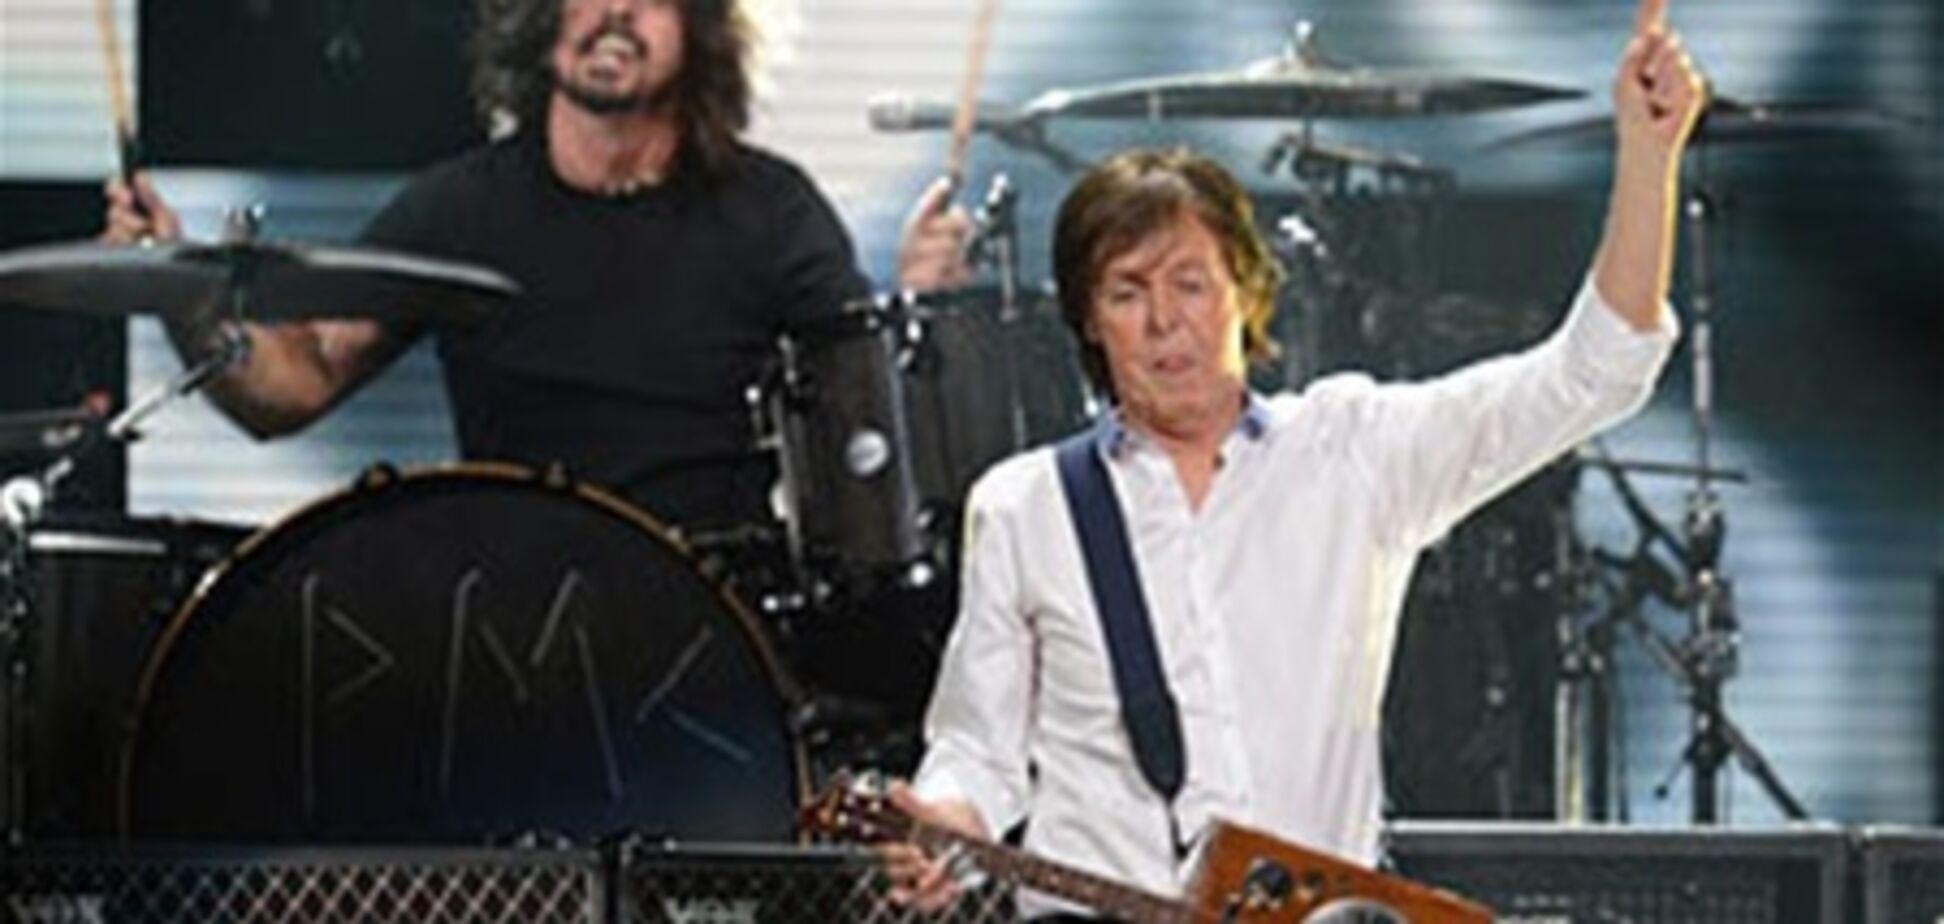 Маккартни сыграл вместе с Nirvana. Видео